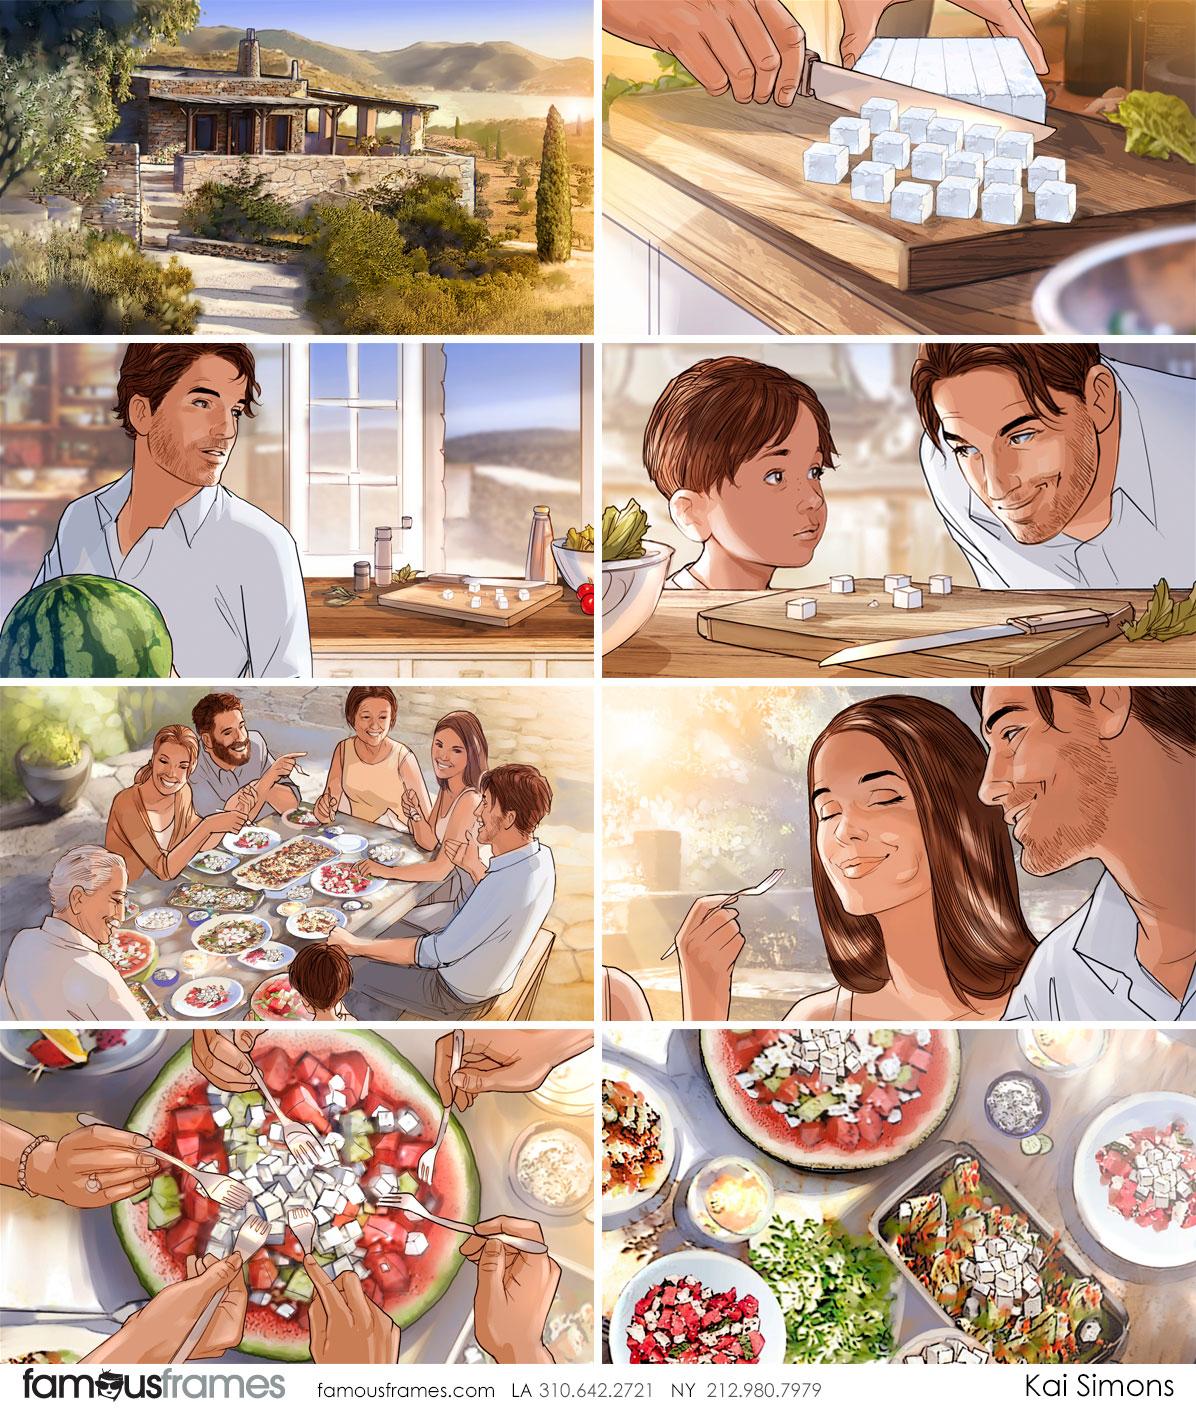 Kai Simons's Food storyboard art (Image #1352_13_1497036020)